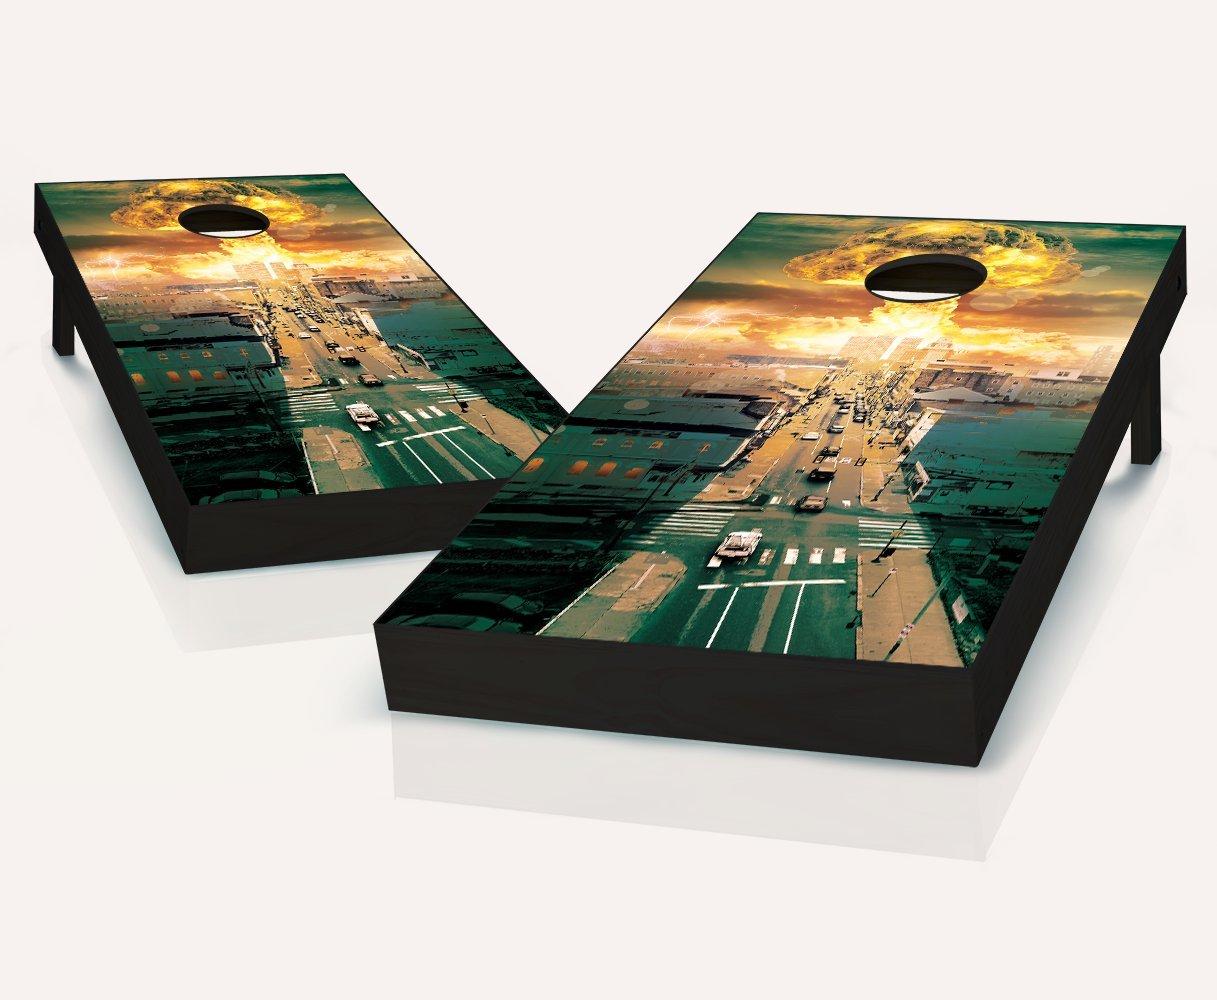 ゾンビApocalypse Cornhole Bags Boards withのセット8 withのセット8 Cornhole Bags ゾンビApocalypse B07C9CZ2GG, リコメン堂インテリア館:fad369eb --- webshop.mrf.se